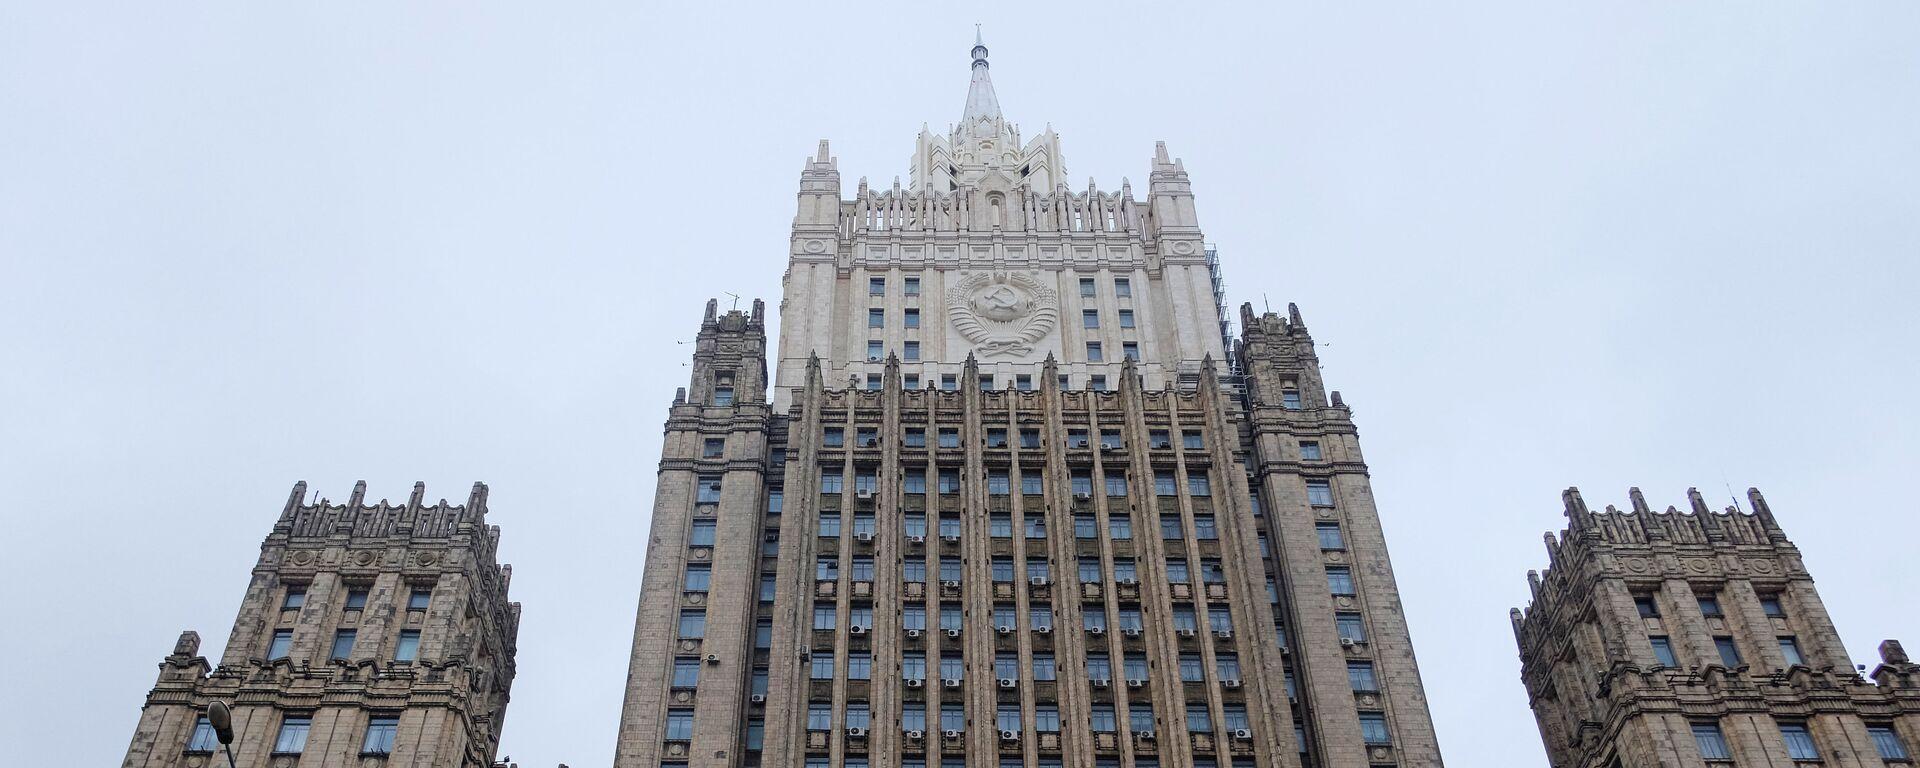 Министерство иностранных дел России - Sputnik Тоҷикистон, 1920, 30.09.2021